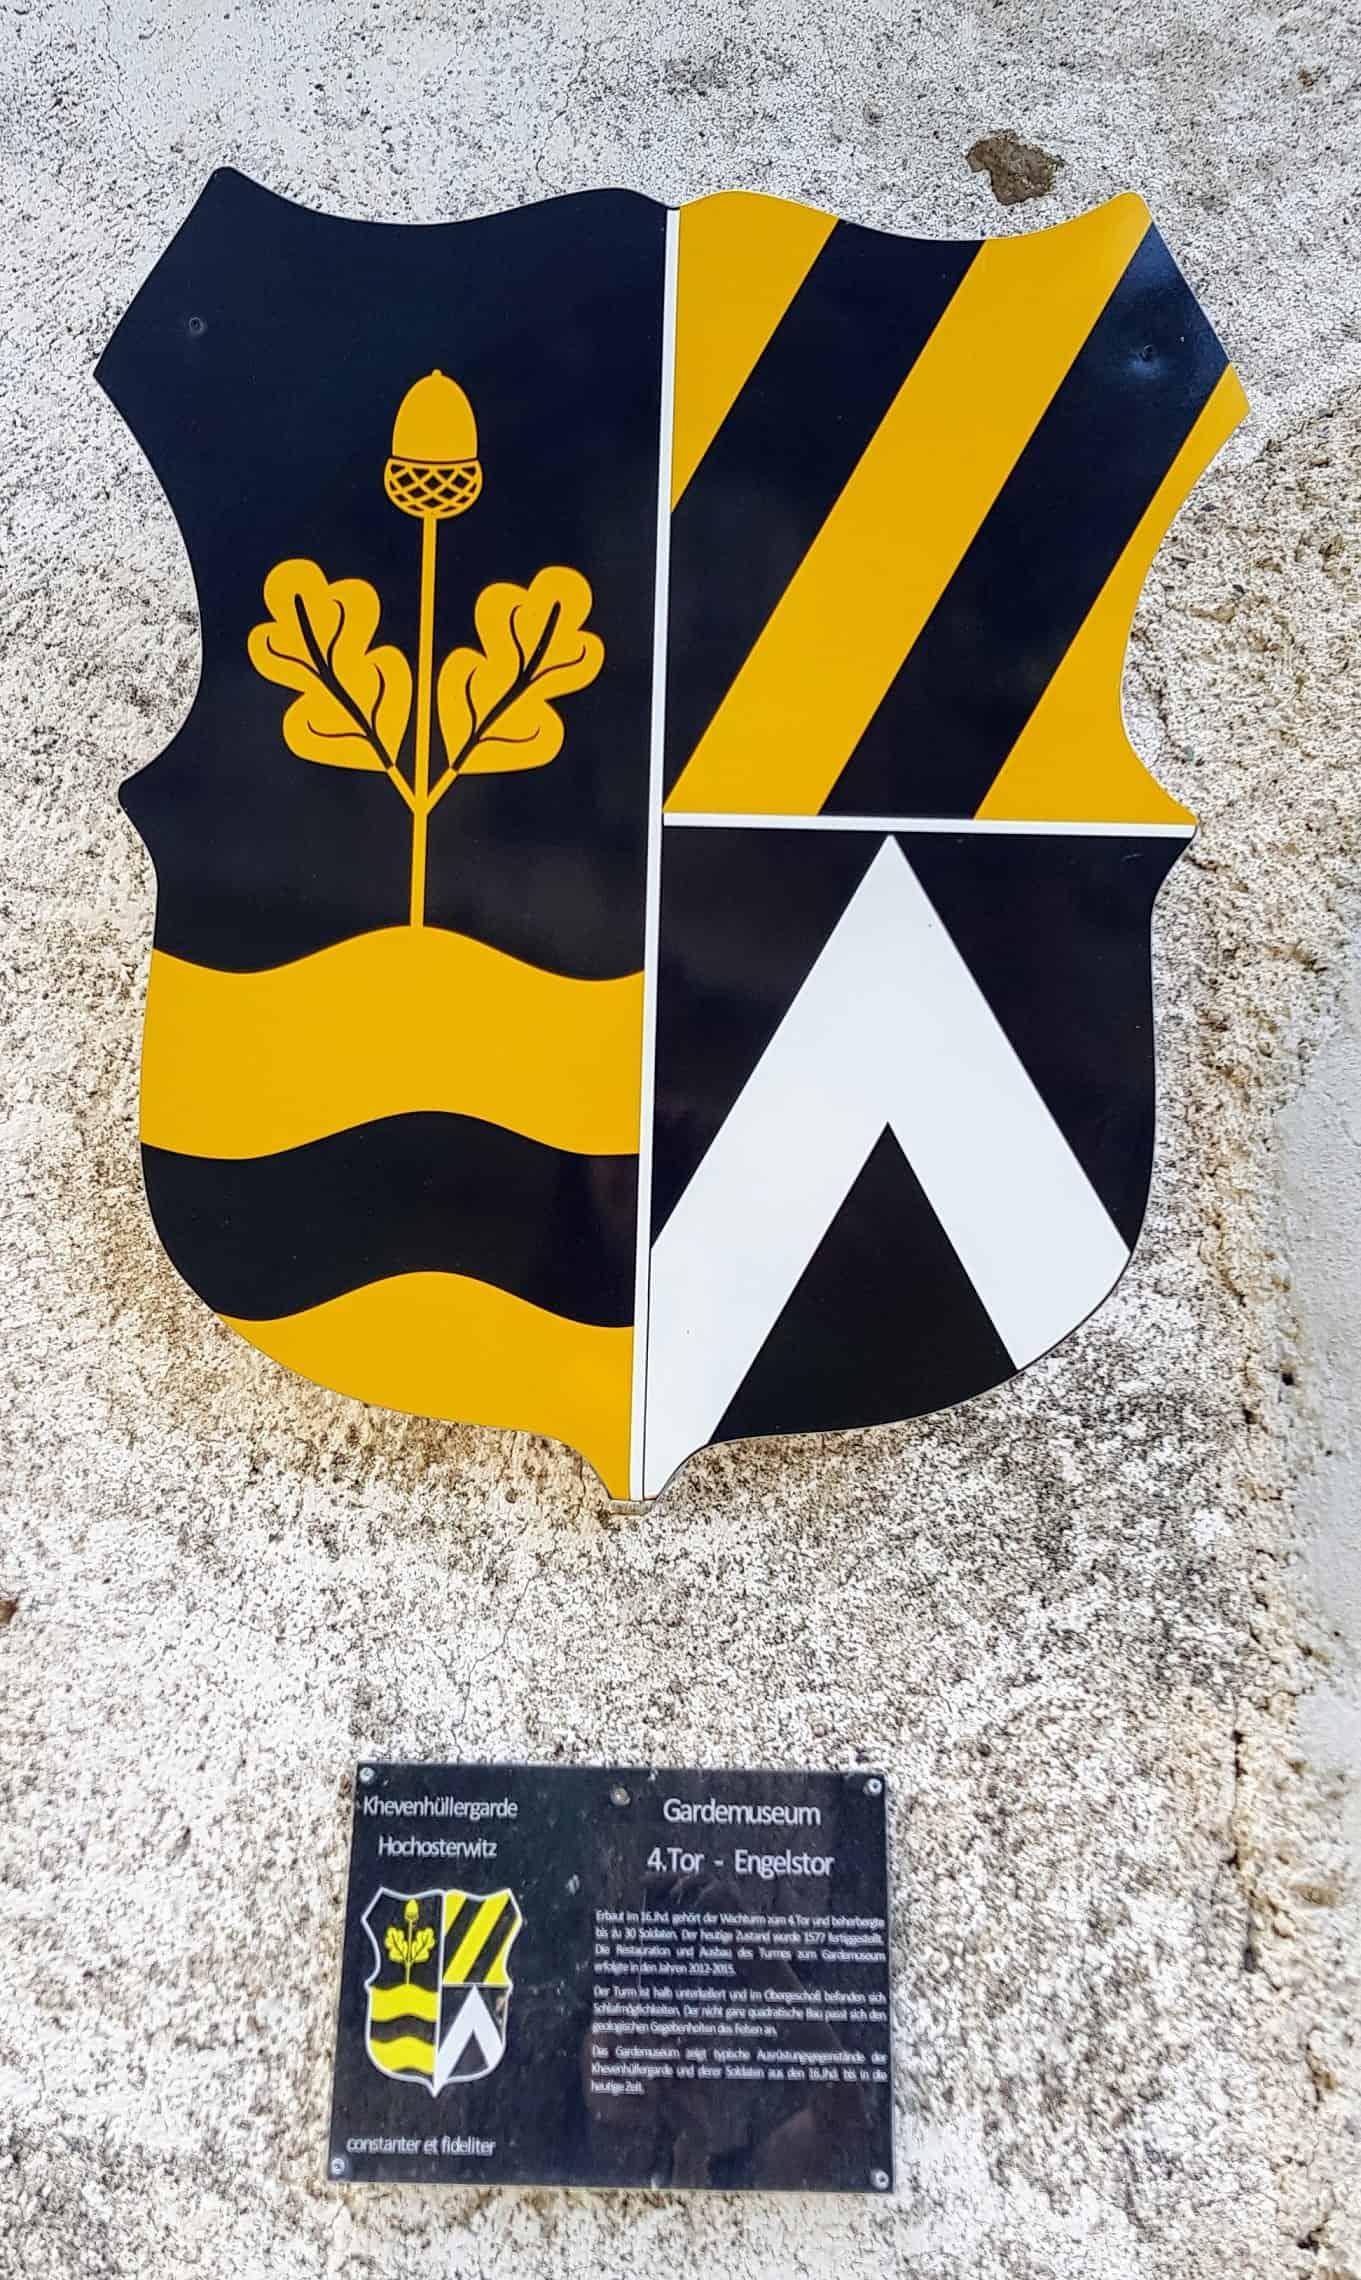 Wappen Khevenhüller beim Gardemuseum der Khevenhüller Garde auf der Burg Hochosterwitz - Ausflugsziel in Kärnten